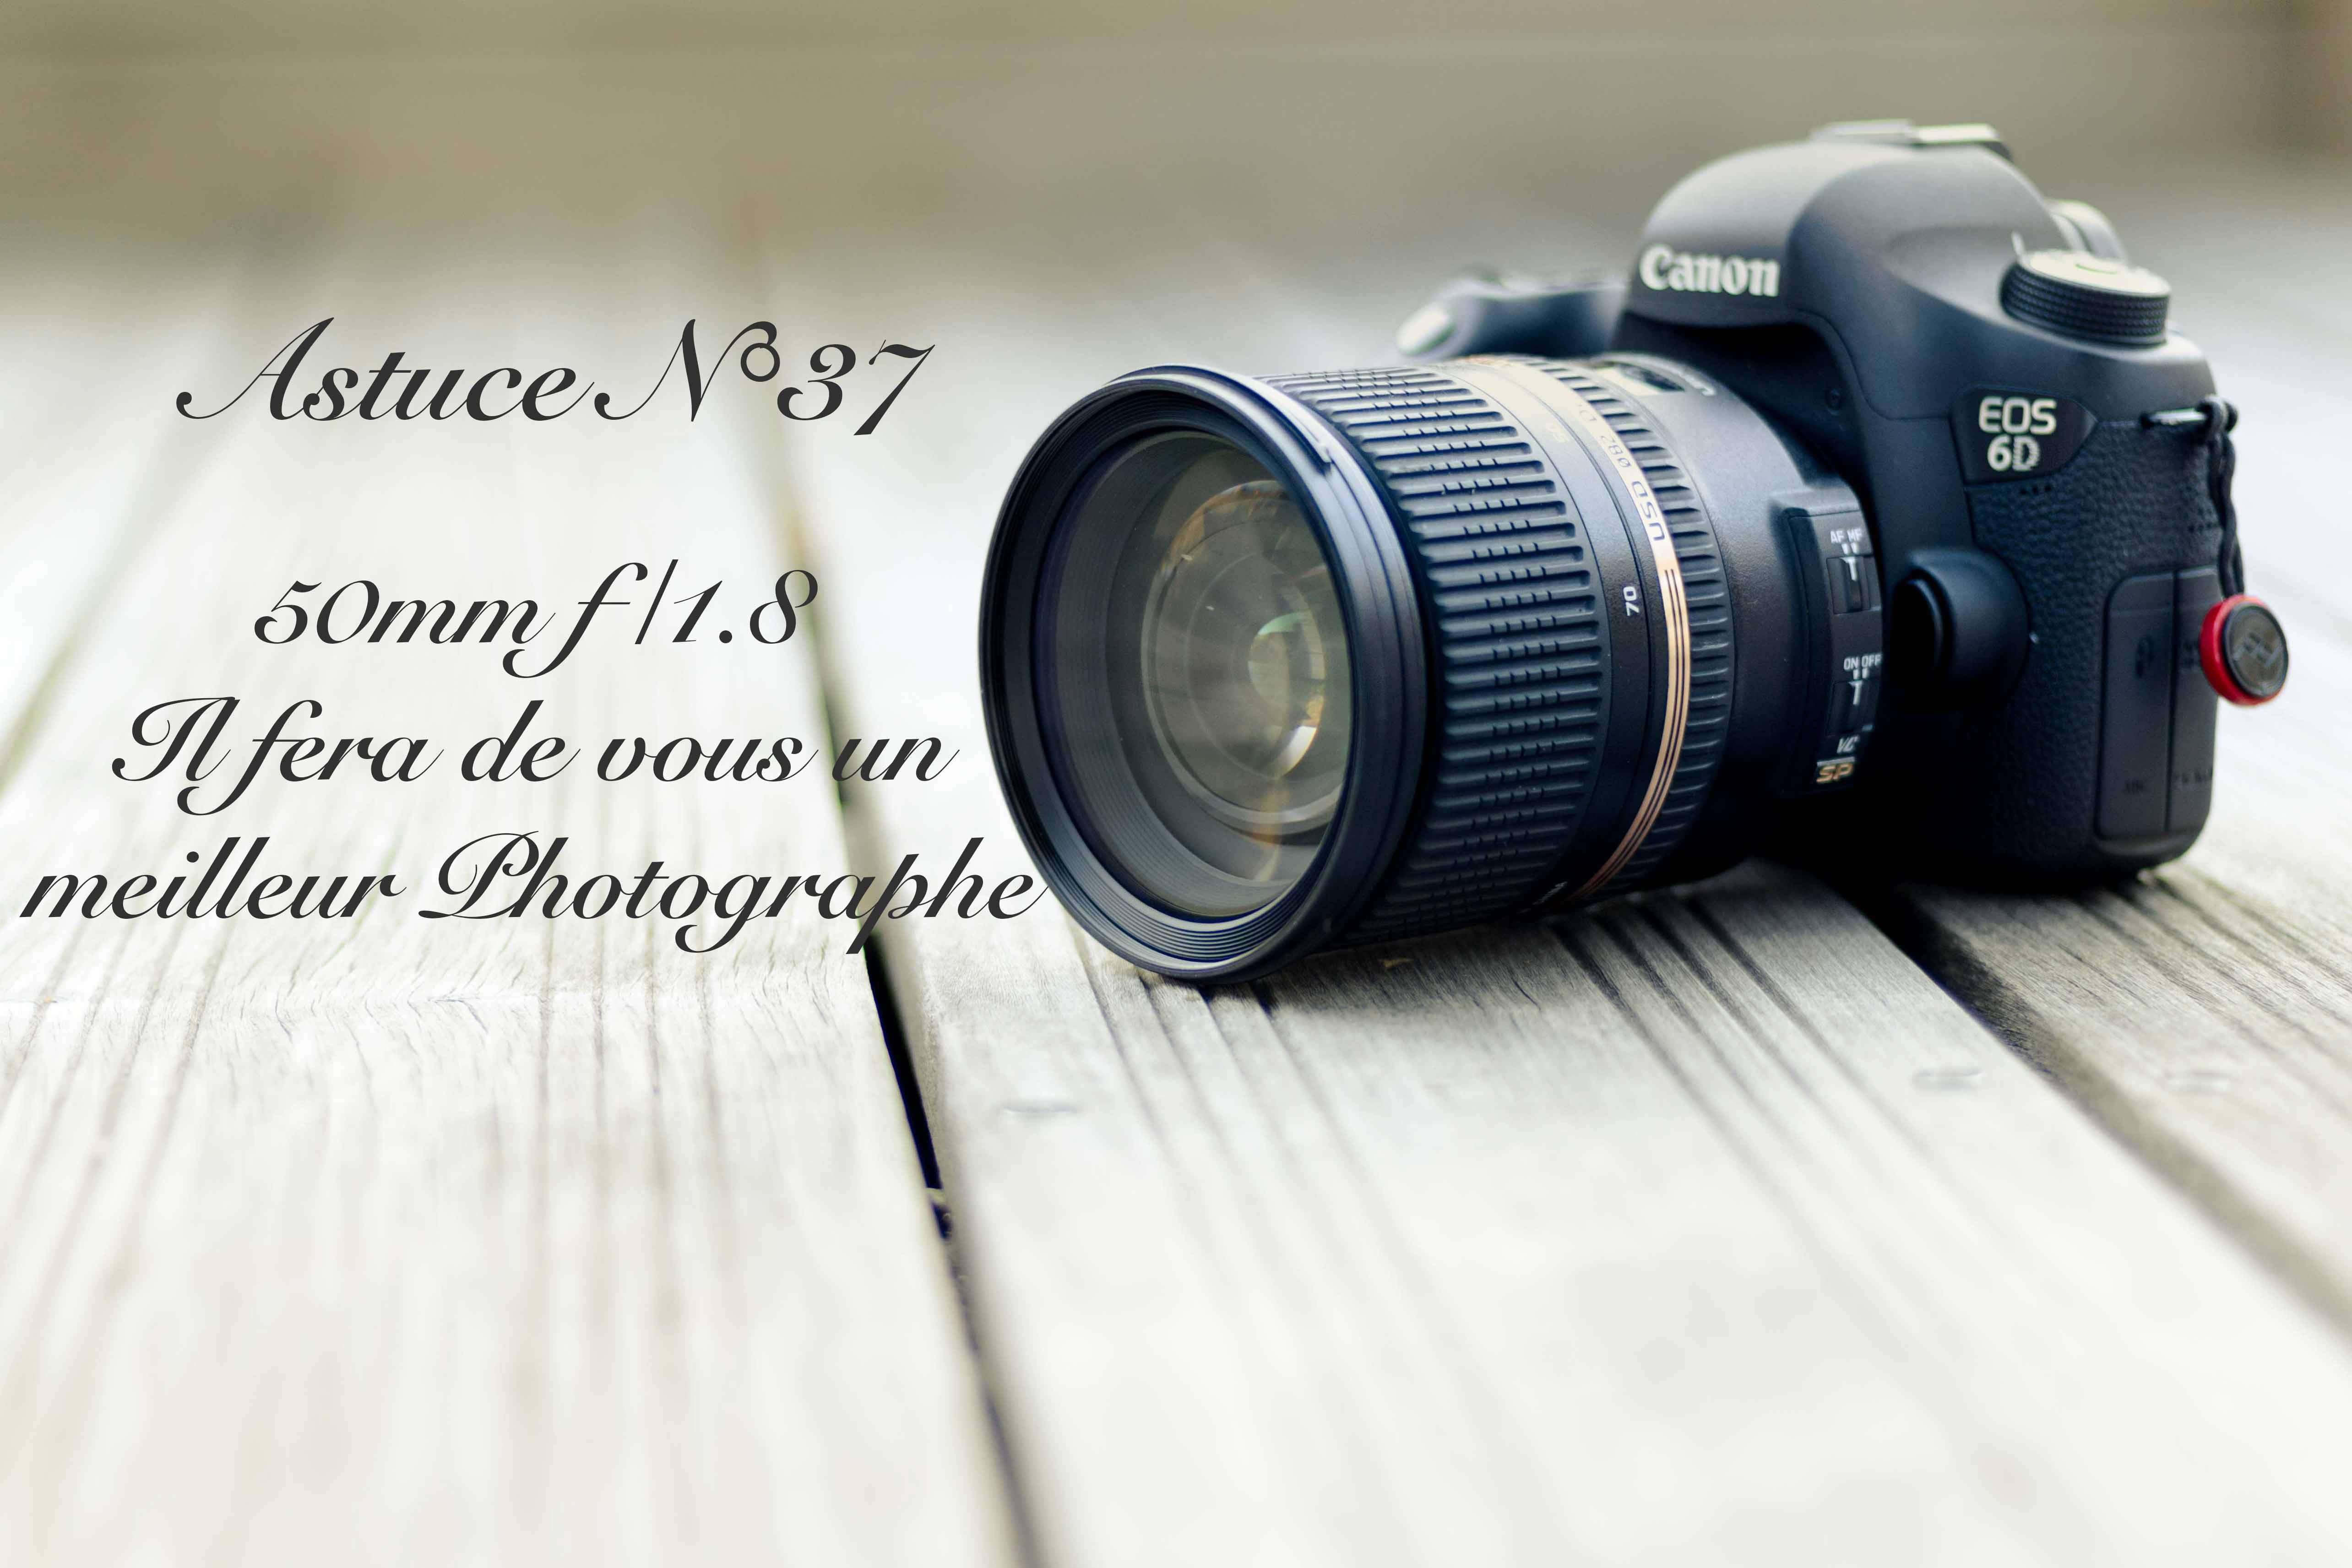 50mm f/1.8 – L'objectif qui fera de vous un meilleur photographe (37/52)